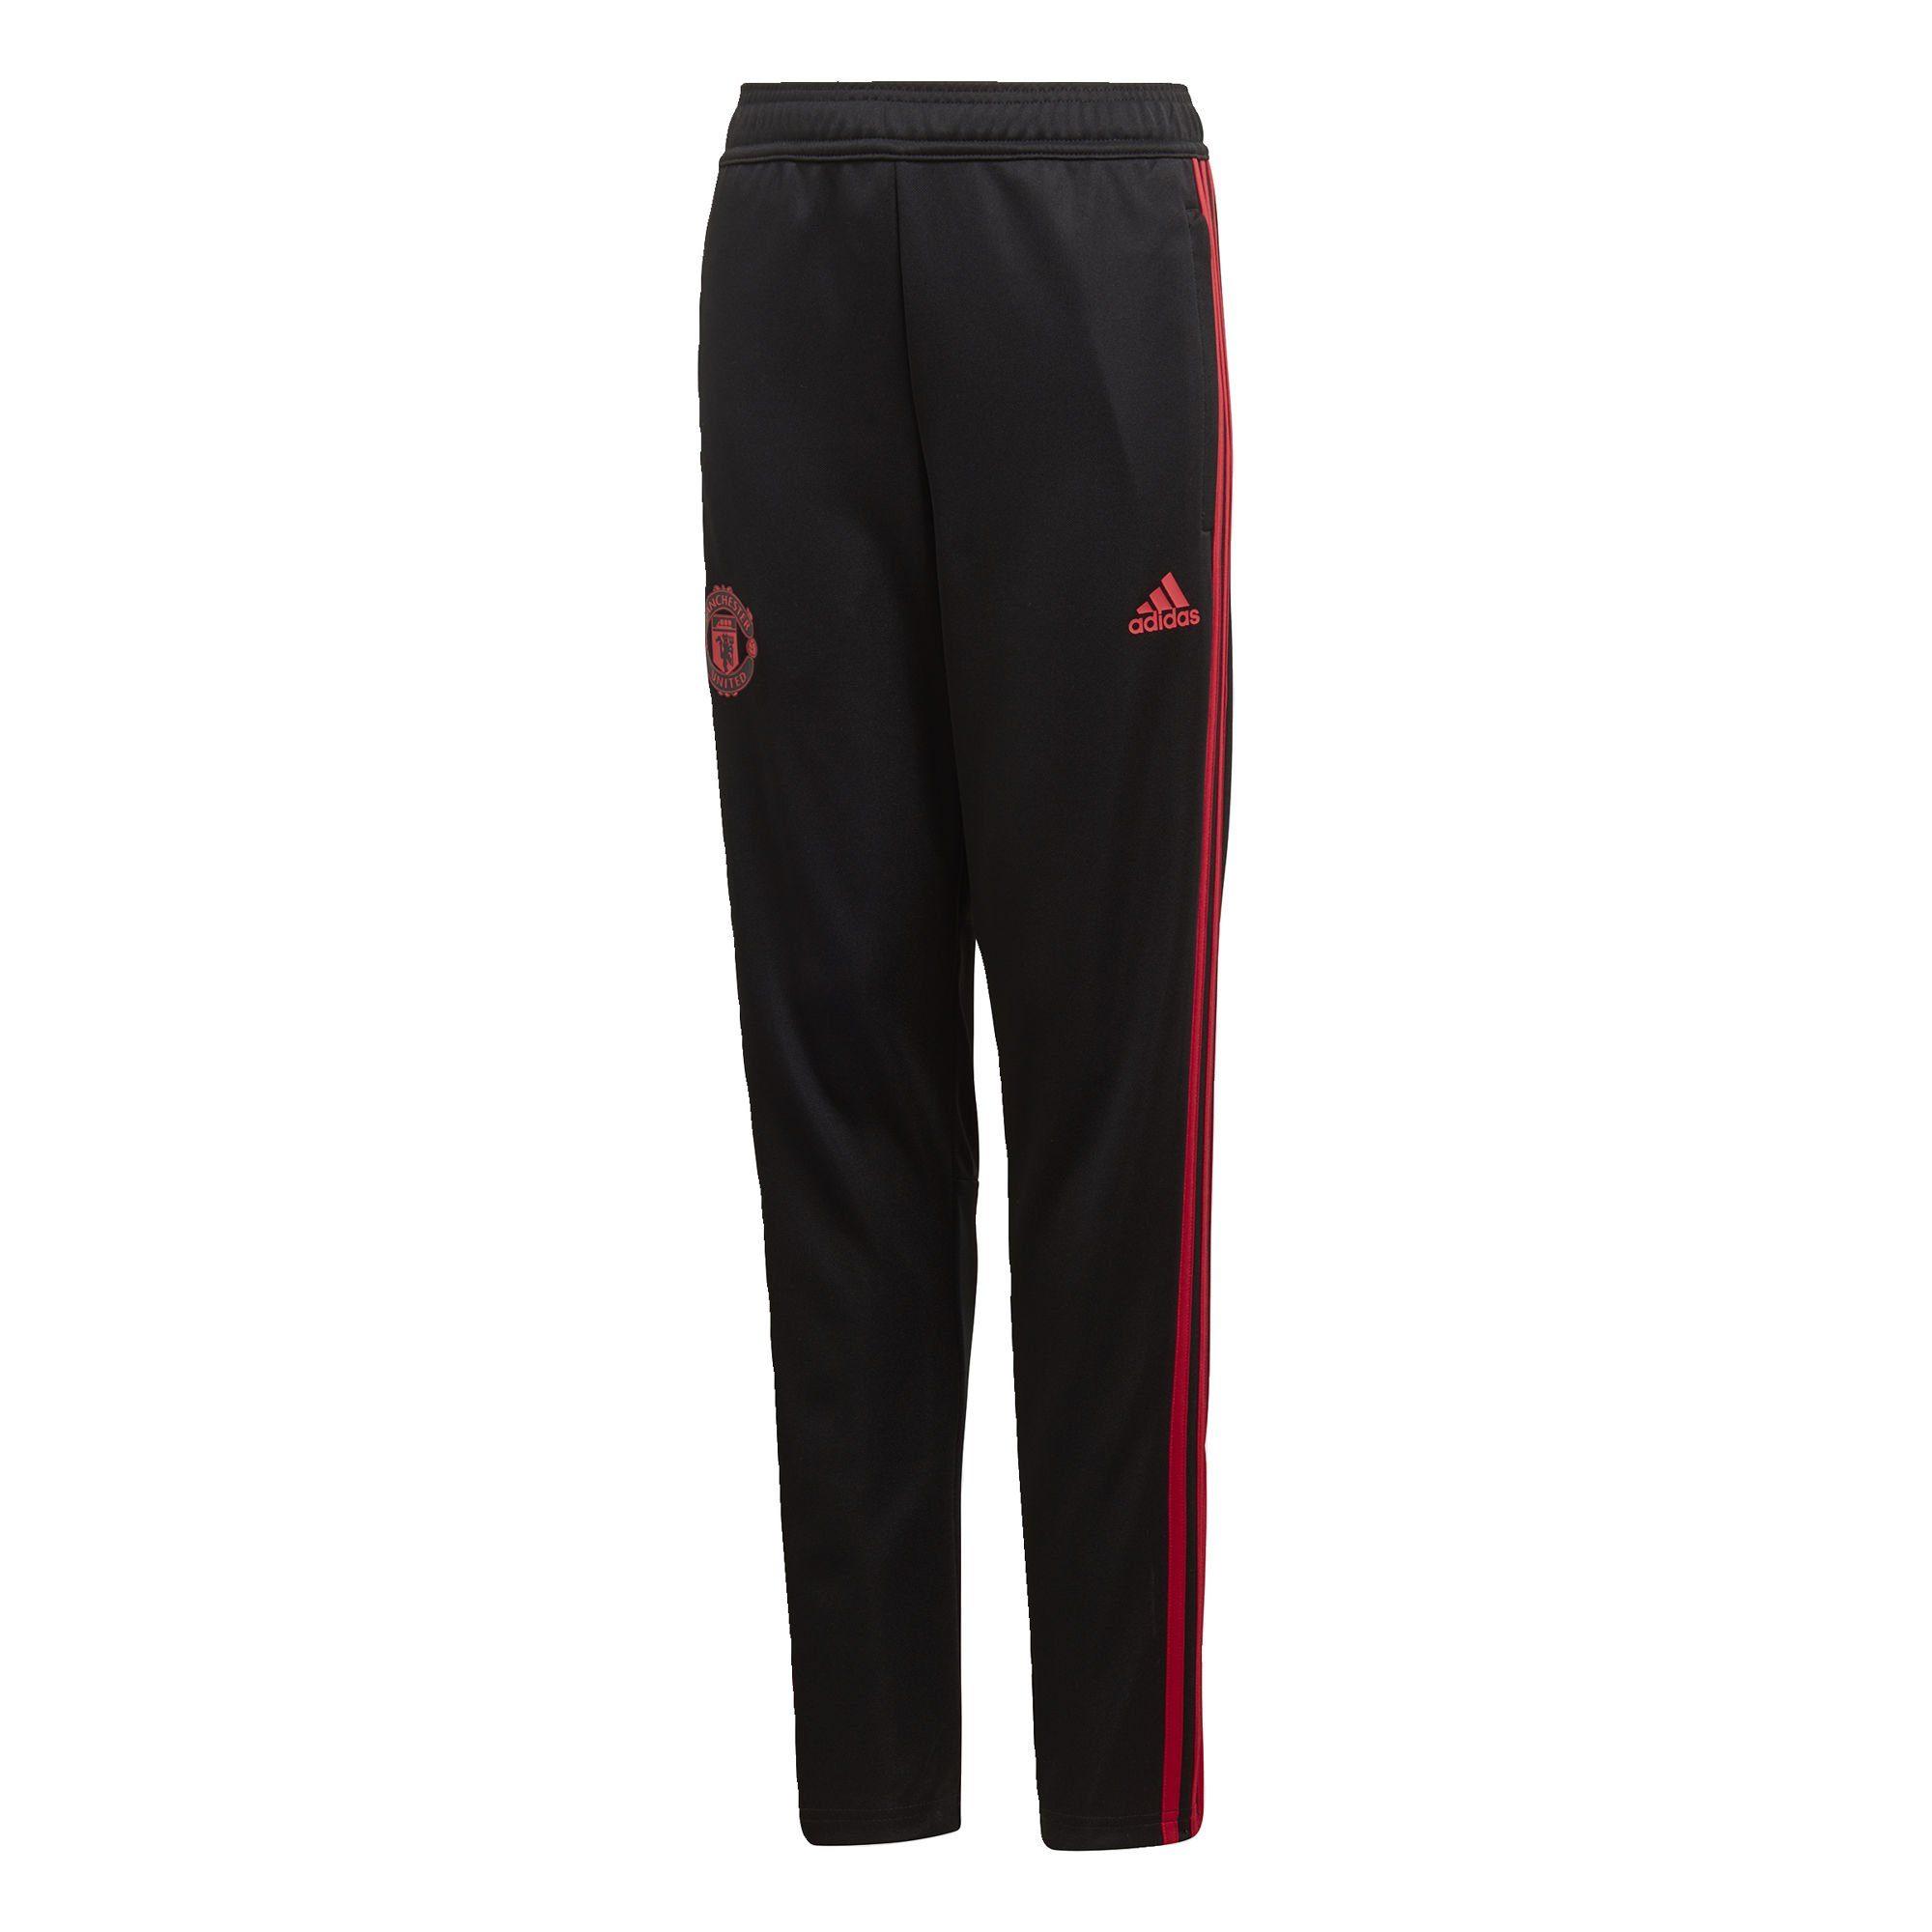 adidas Performance Trainingshose »Manchester United Trainingshose« online kaufen | OTTO